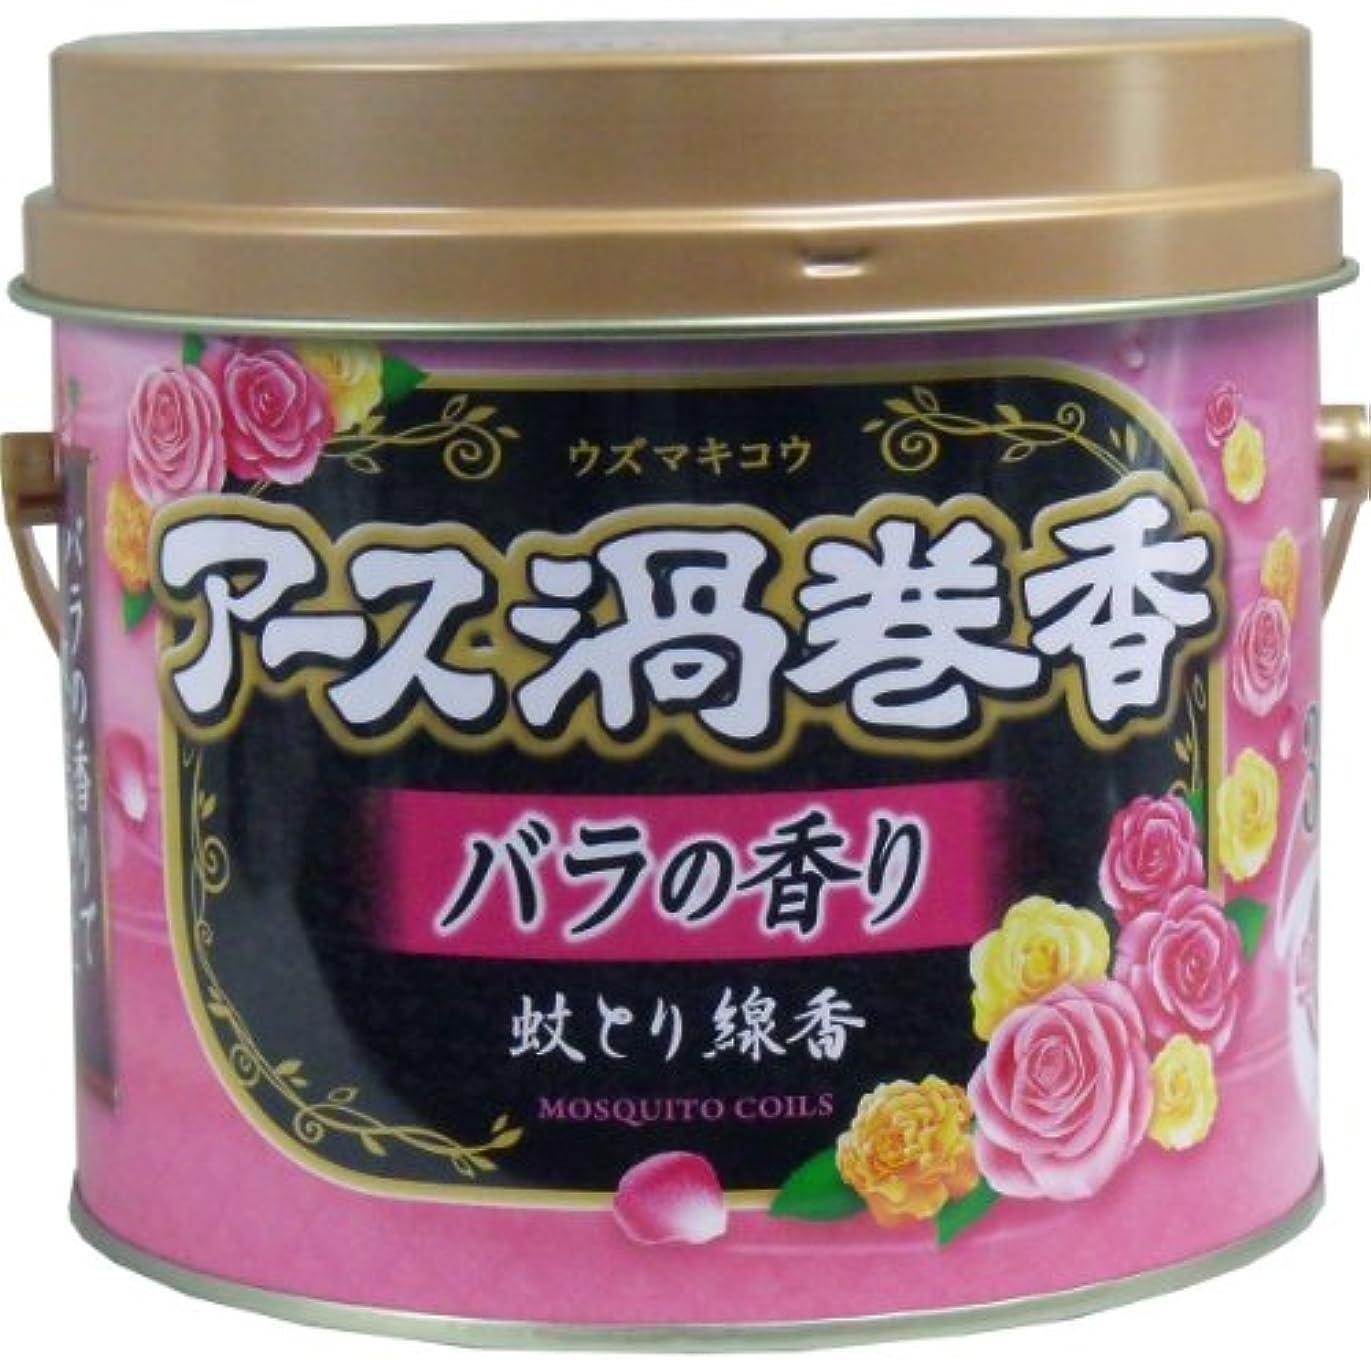 肥沃なアパル液化するアース渦巻香 蚊とり線香 バラの香り 30巻5個セット